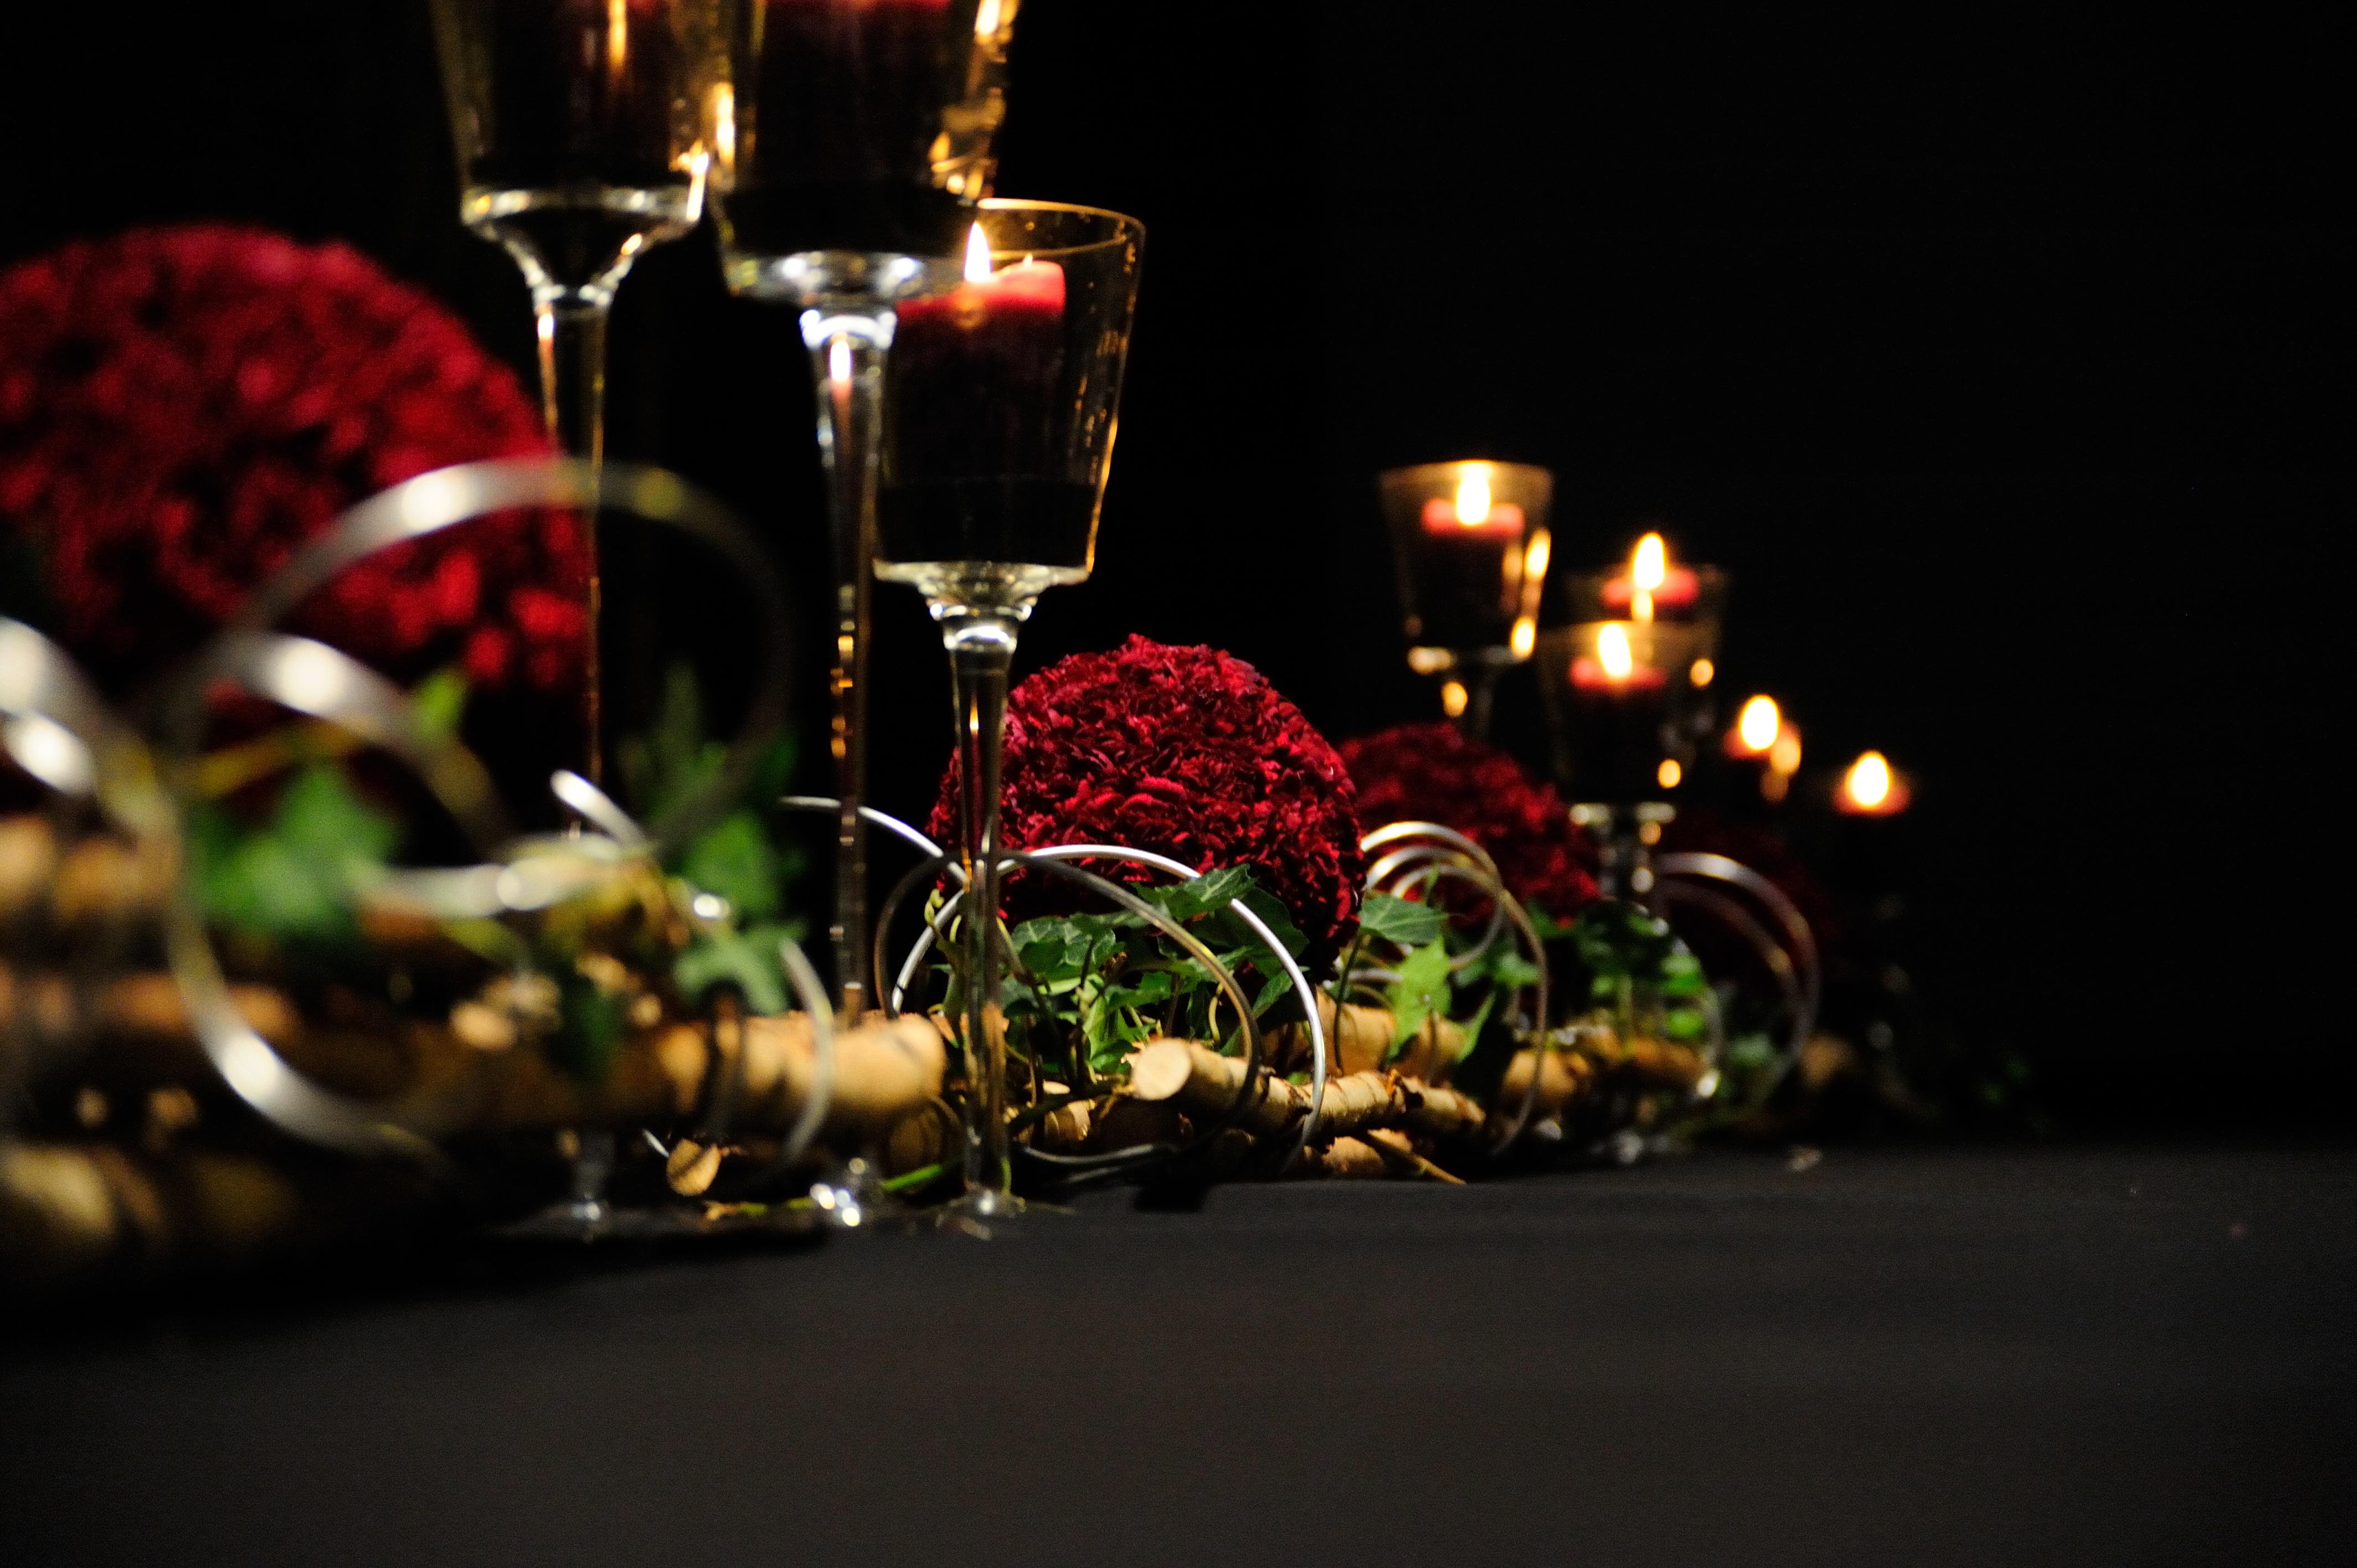 Eventfloristik langer Tisch mit schwarzem Tischtuch mit roten runden Blumengestecken die auf Bambusstangen und gruenen Blaettern liegen Kerzenleuchter am Tisch